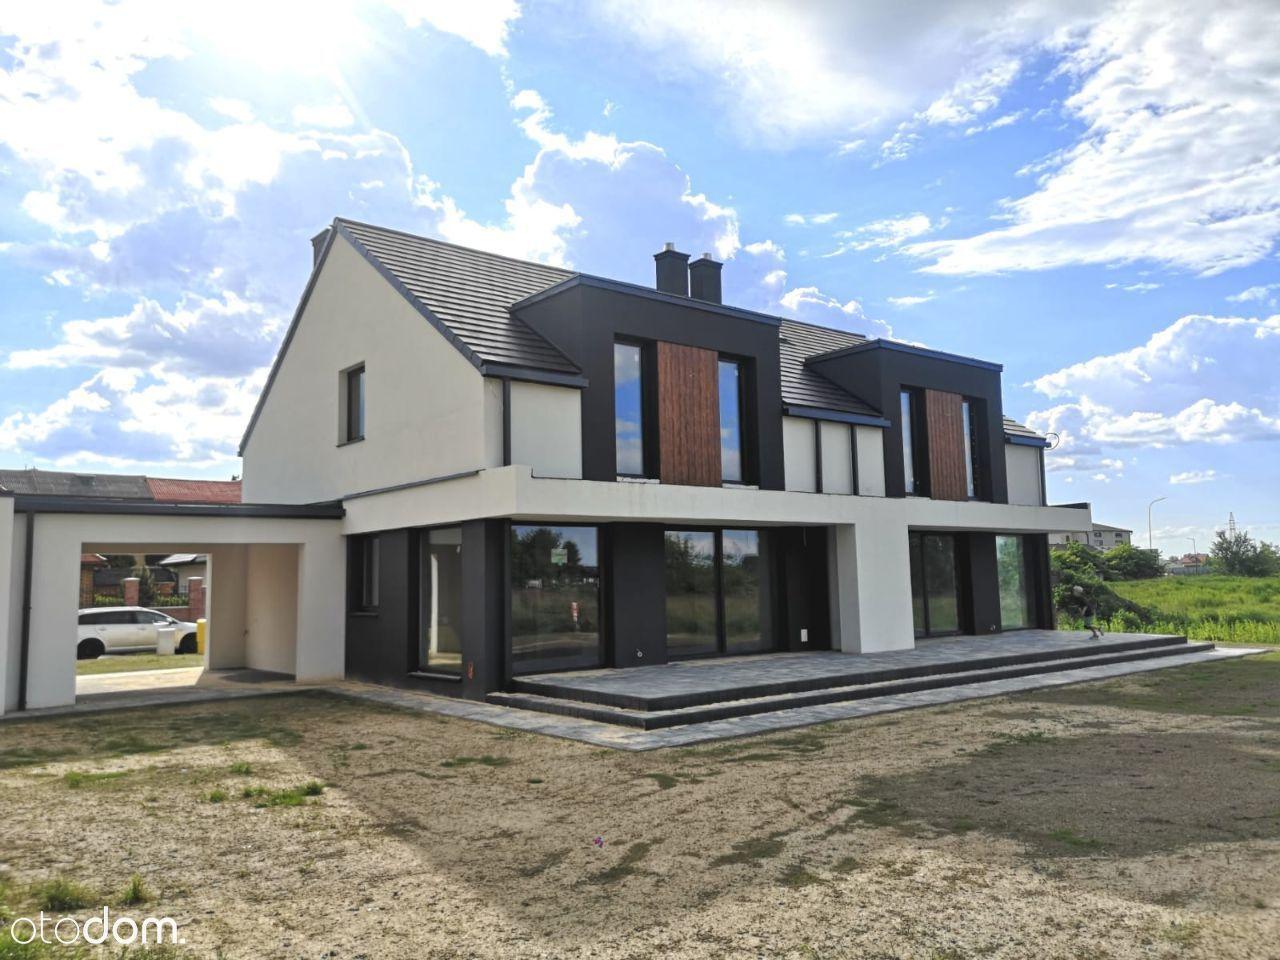 Atrakcyjny dom w Zamościu, II Etap Budowy.